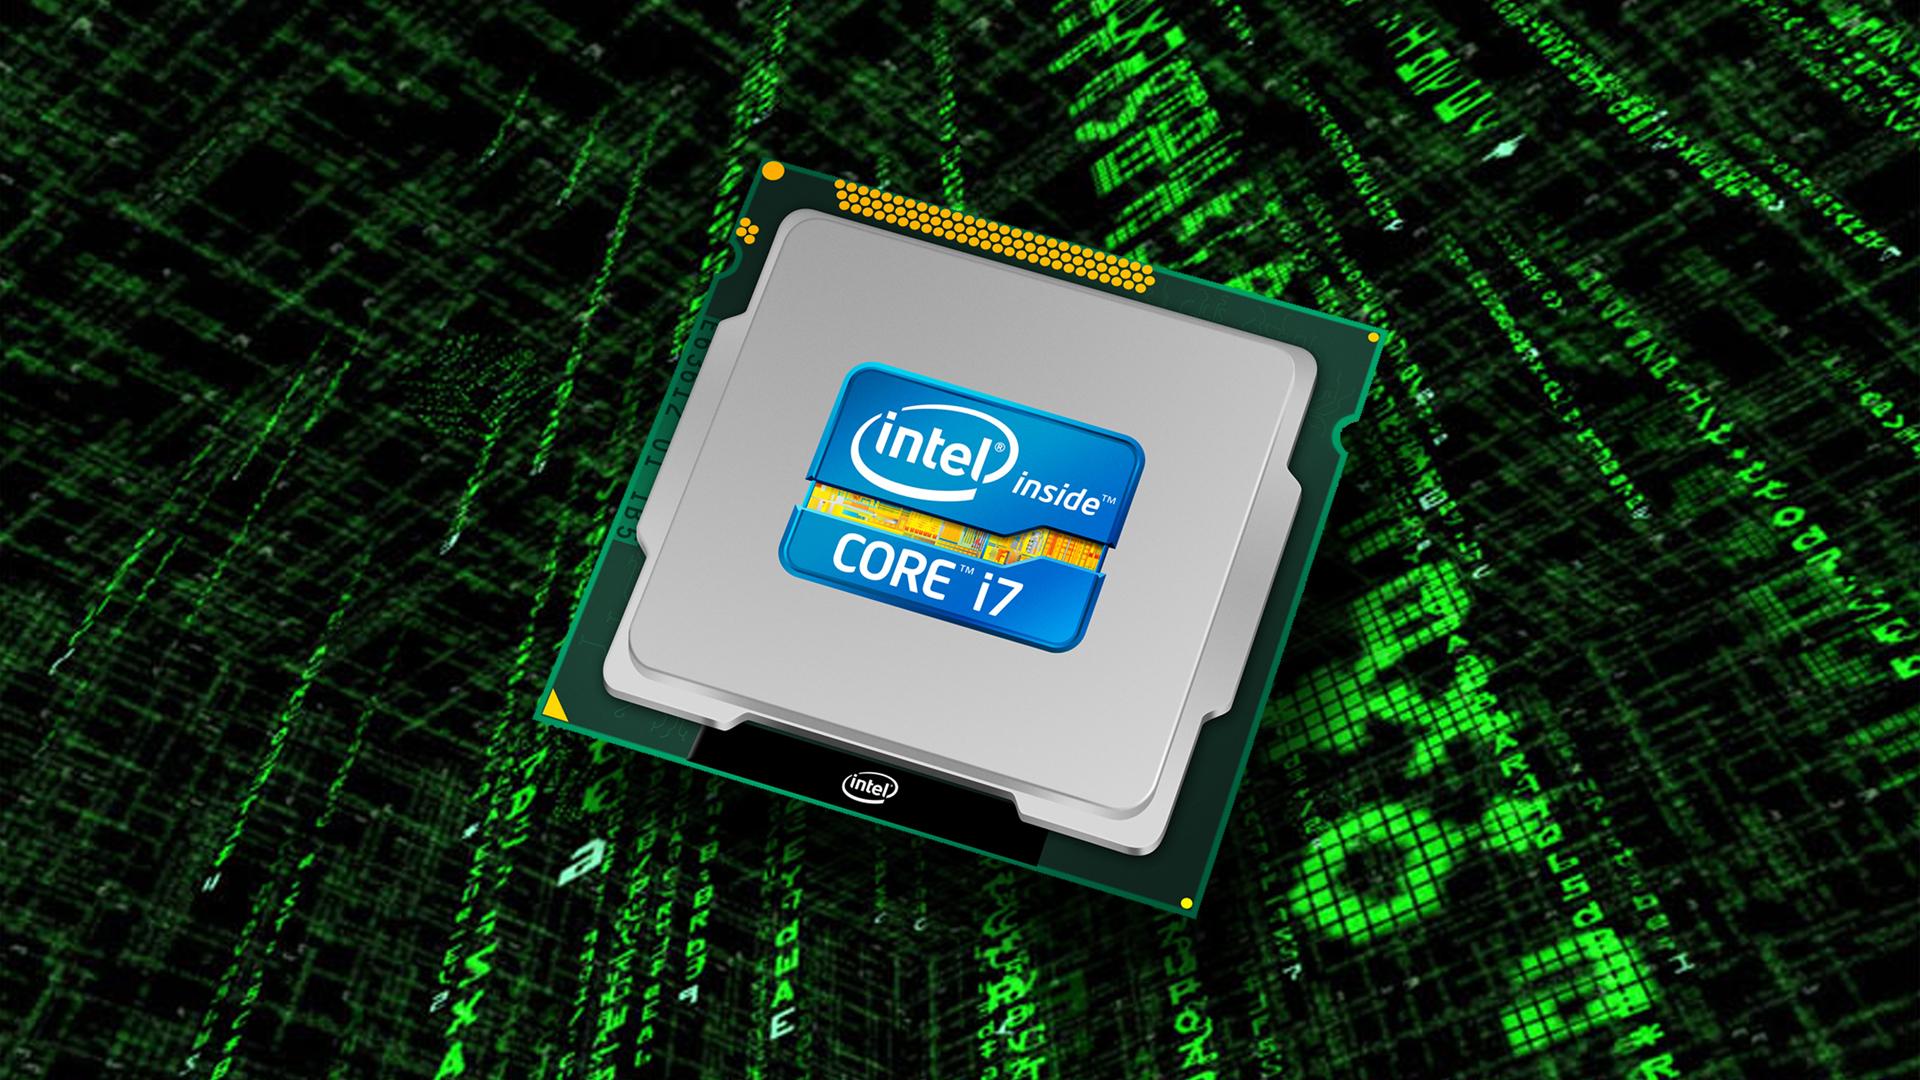 Hogans Intel Quad Xeon I5 I7 Wallpapers 1920 x 1080 1920 x 1920x1080